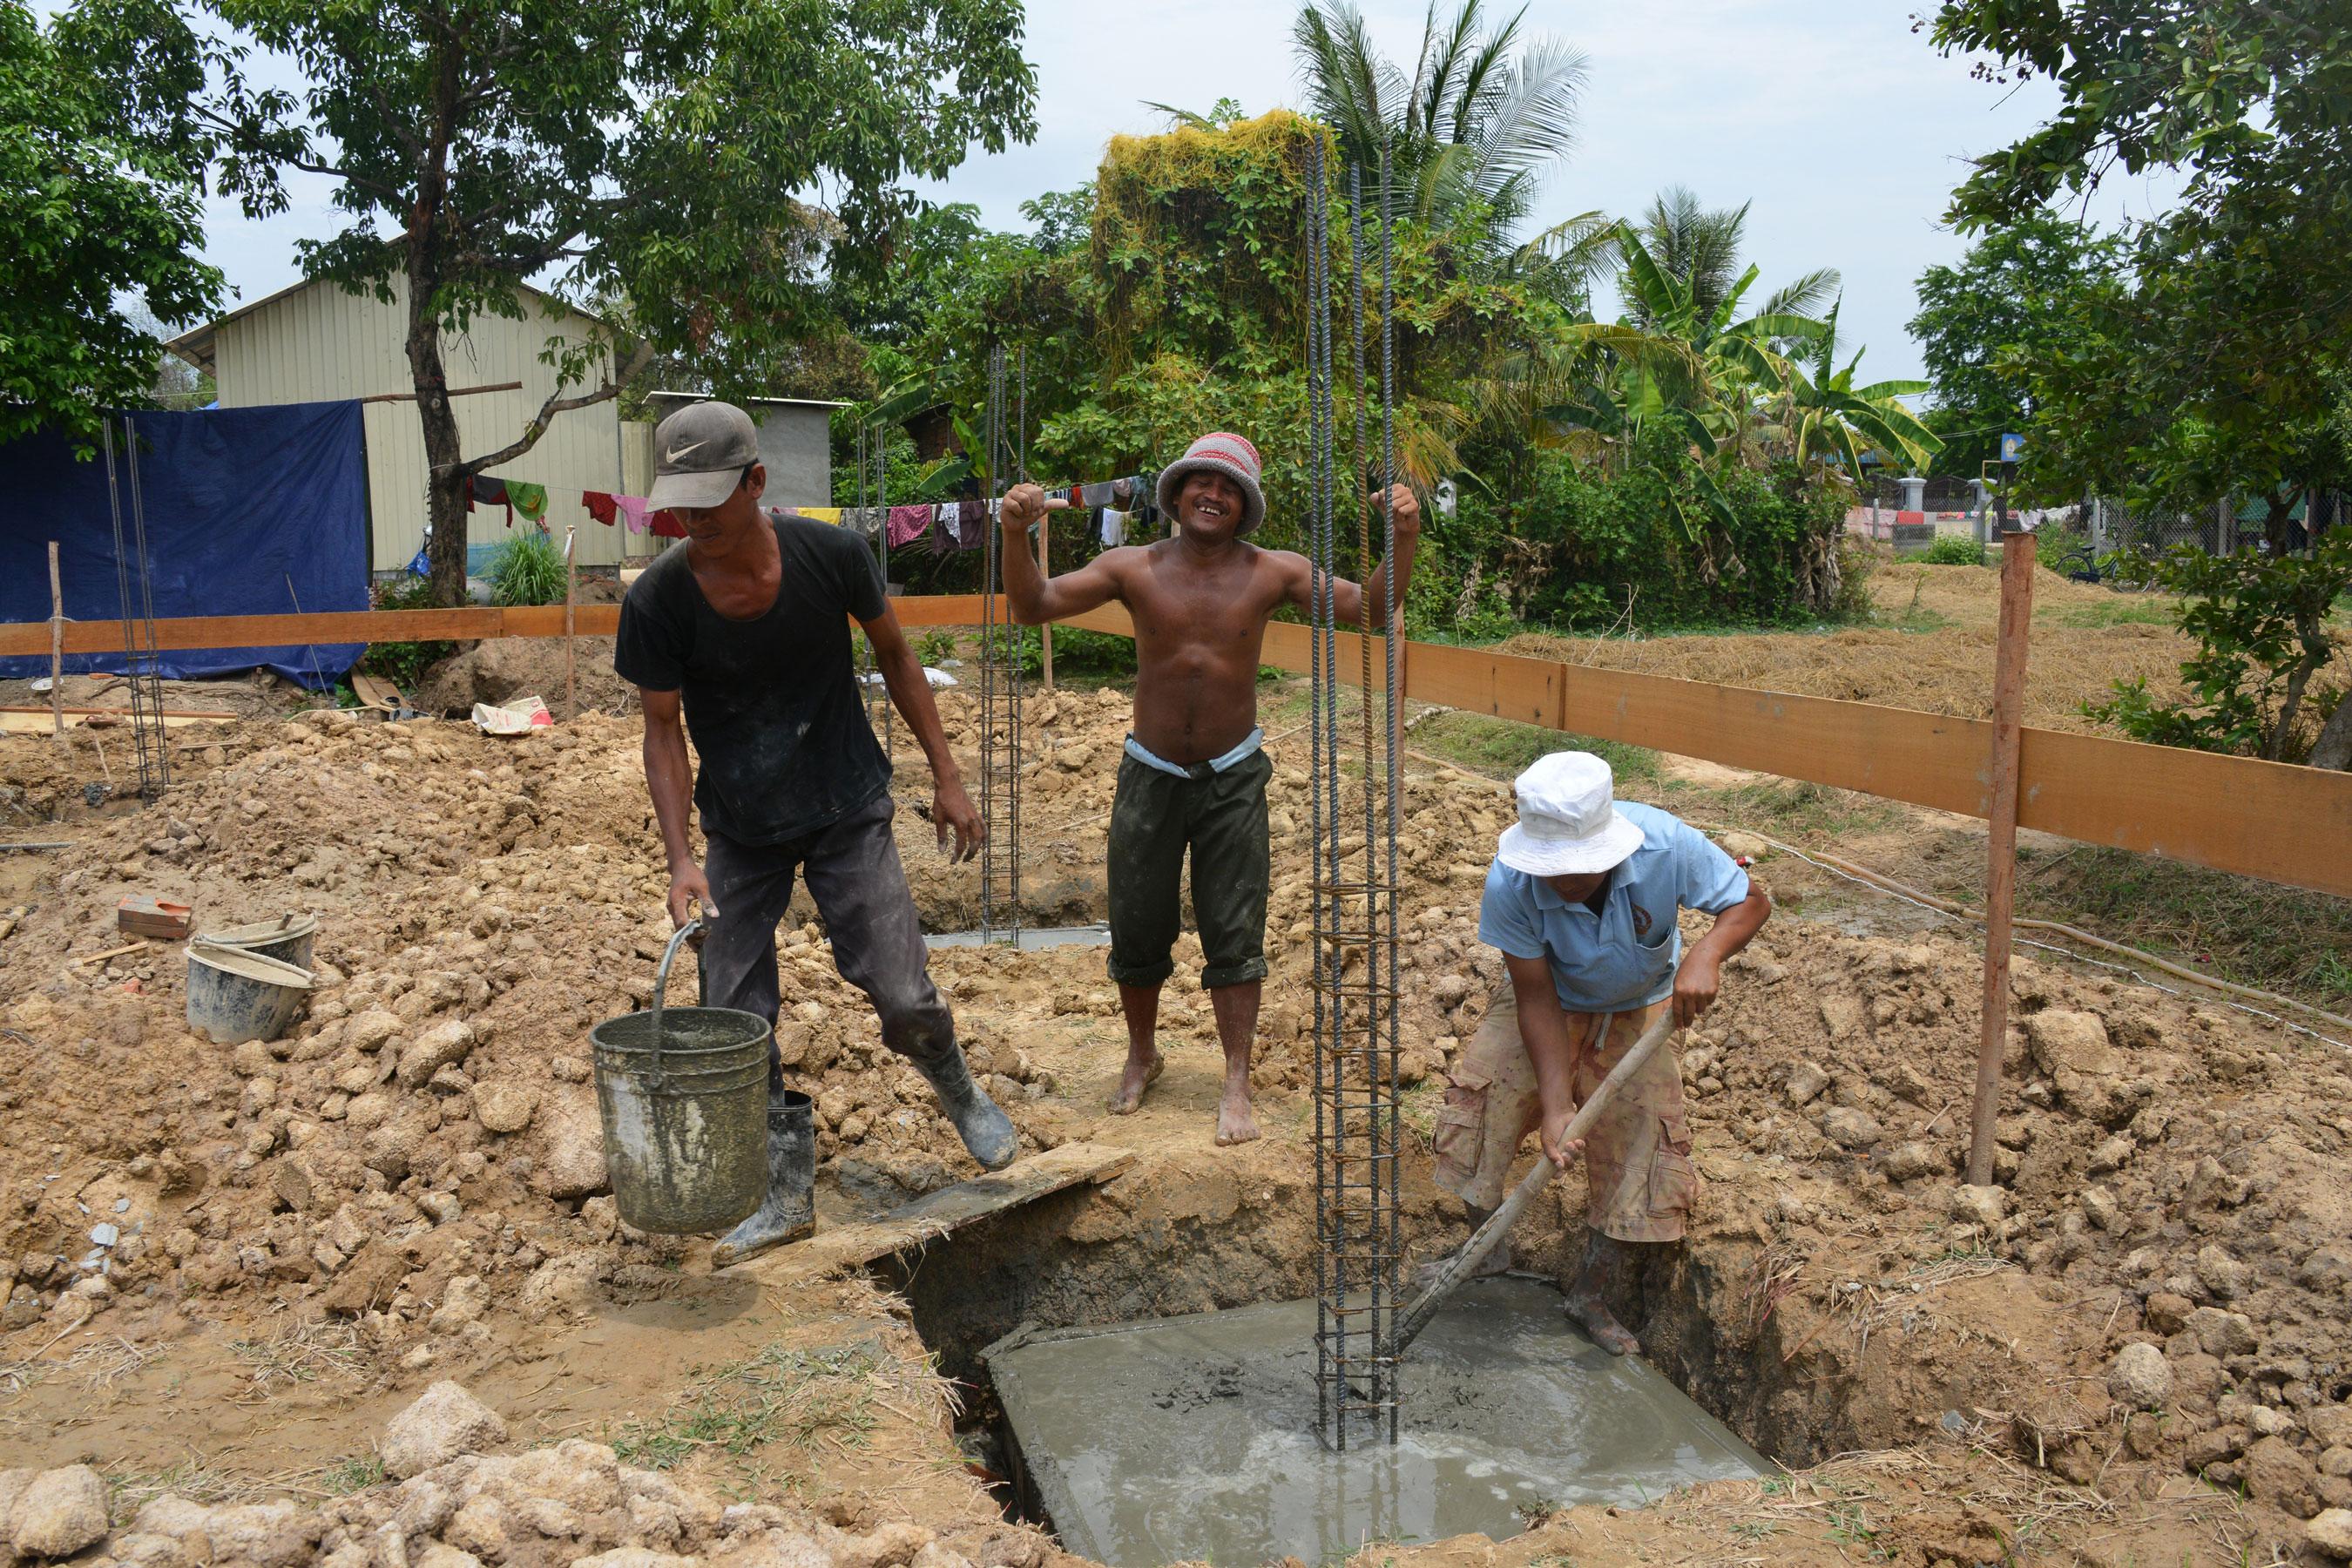 cambogia021